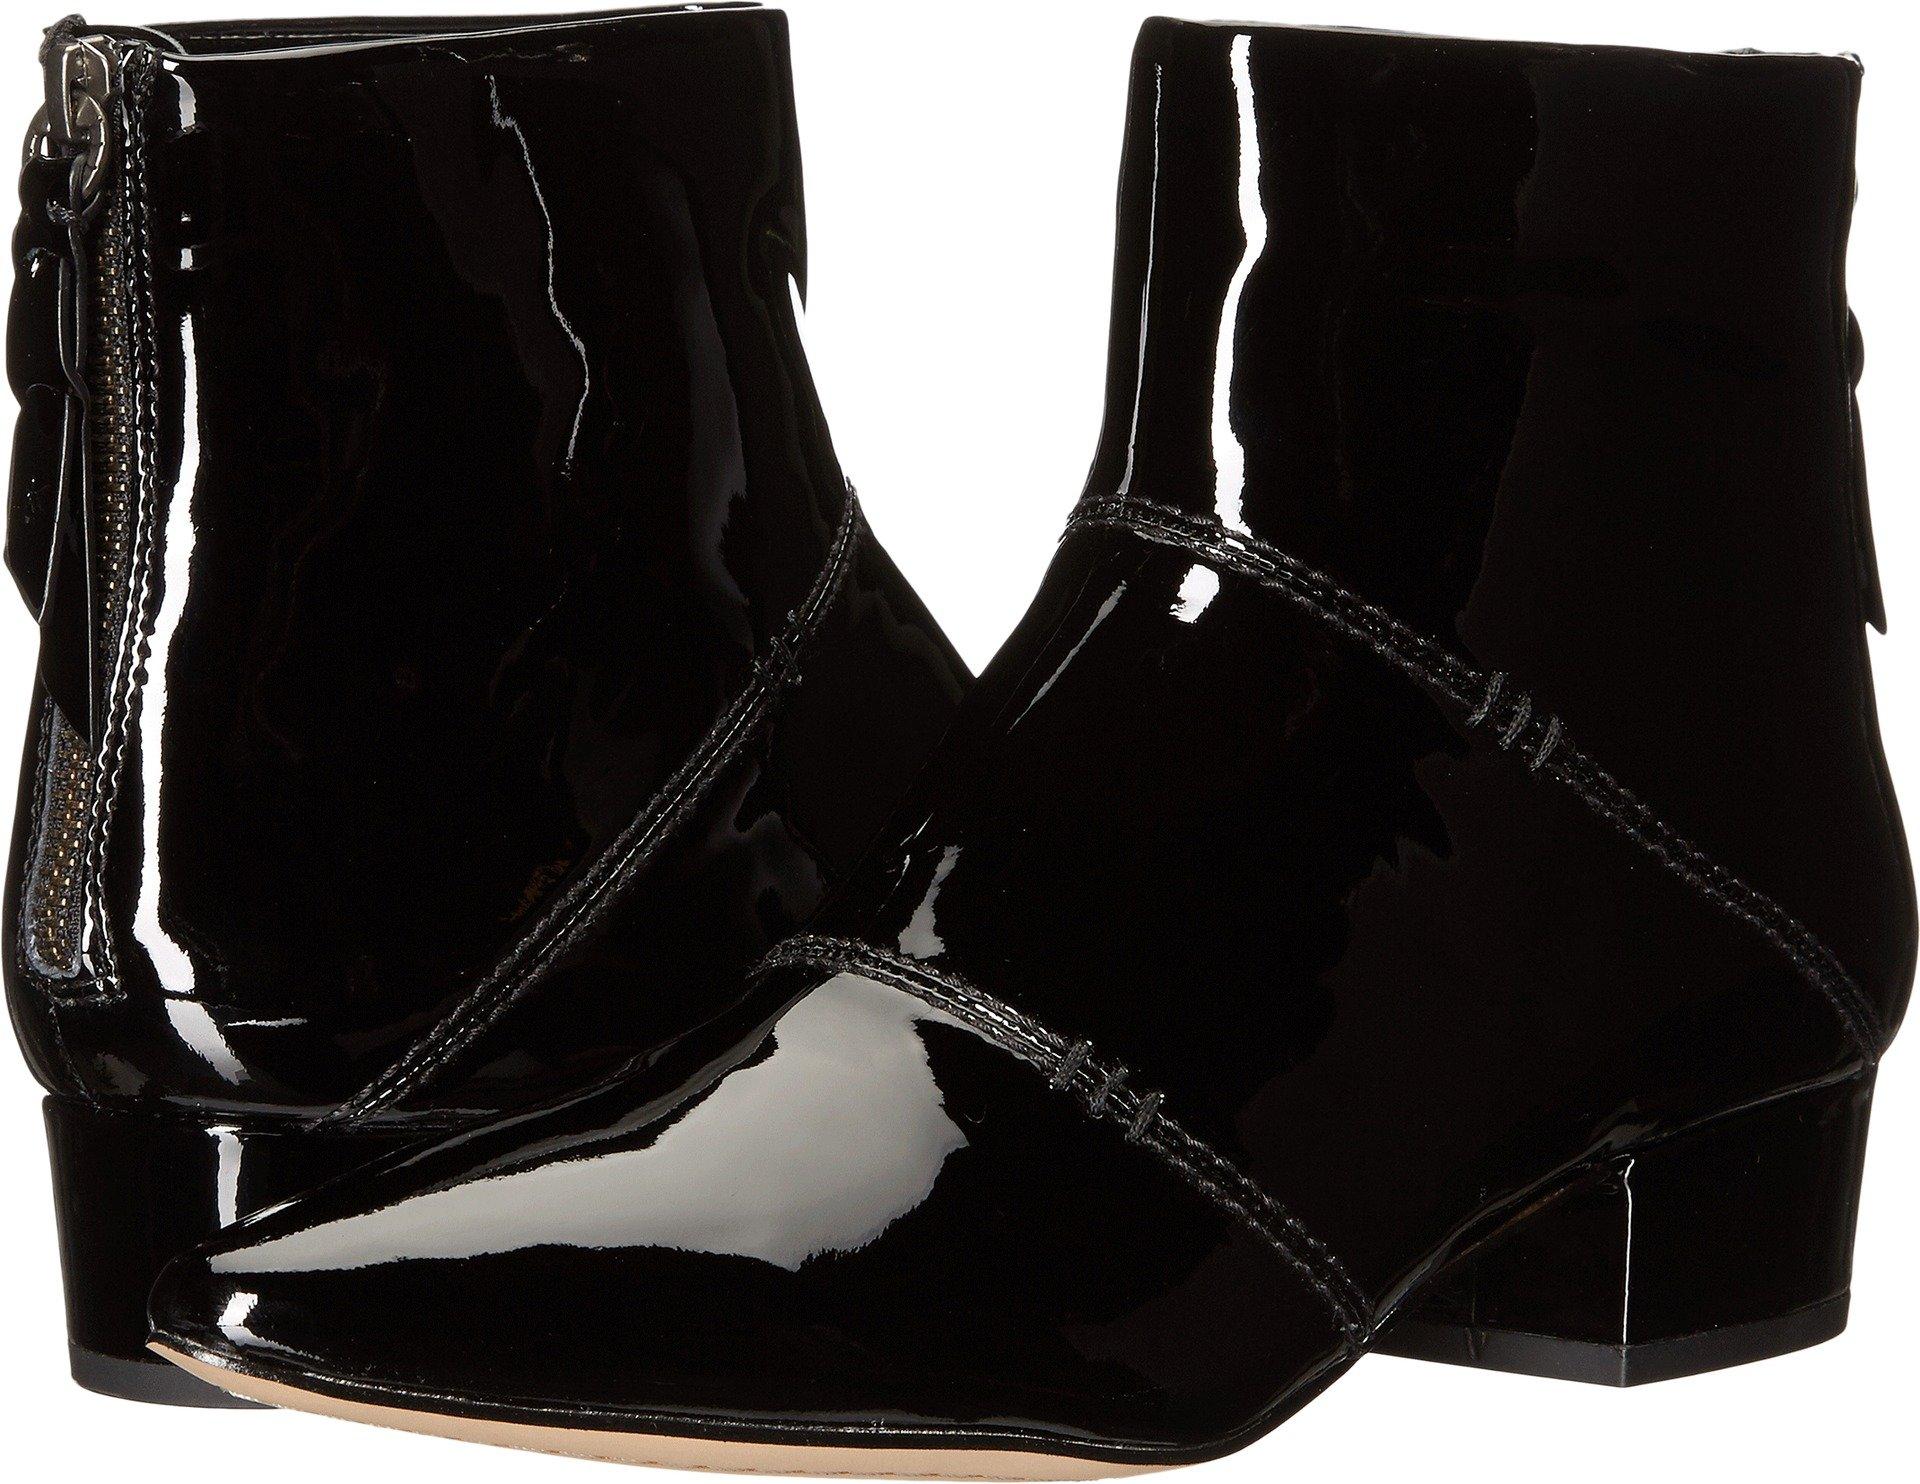 Splendid Women's Rina Ankle Boot, Black, 7.5 M US